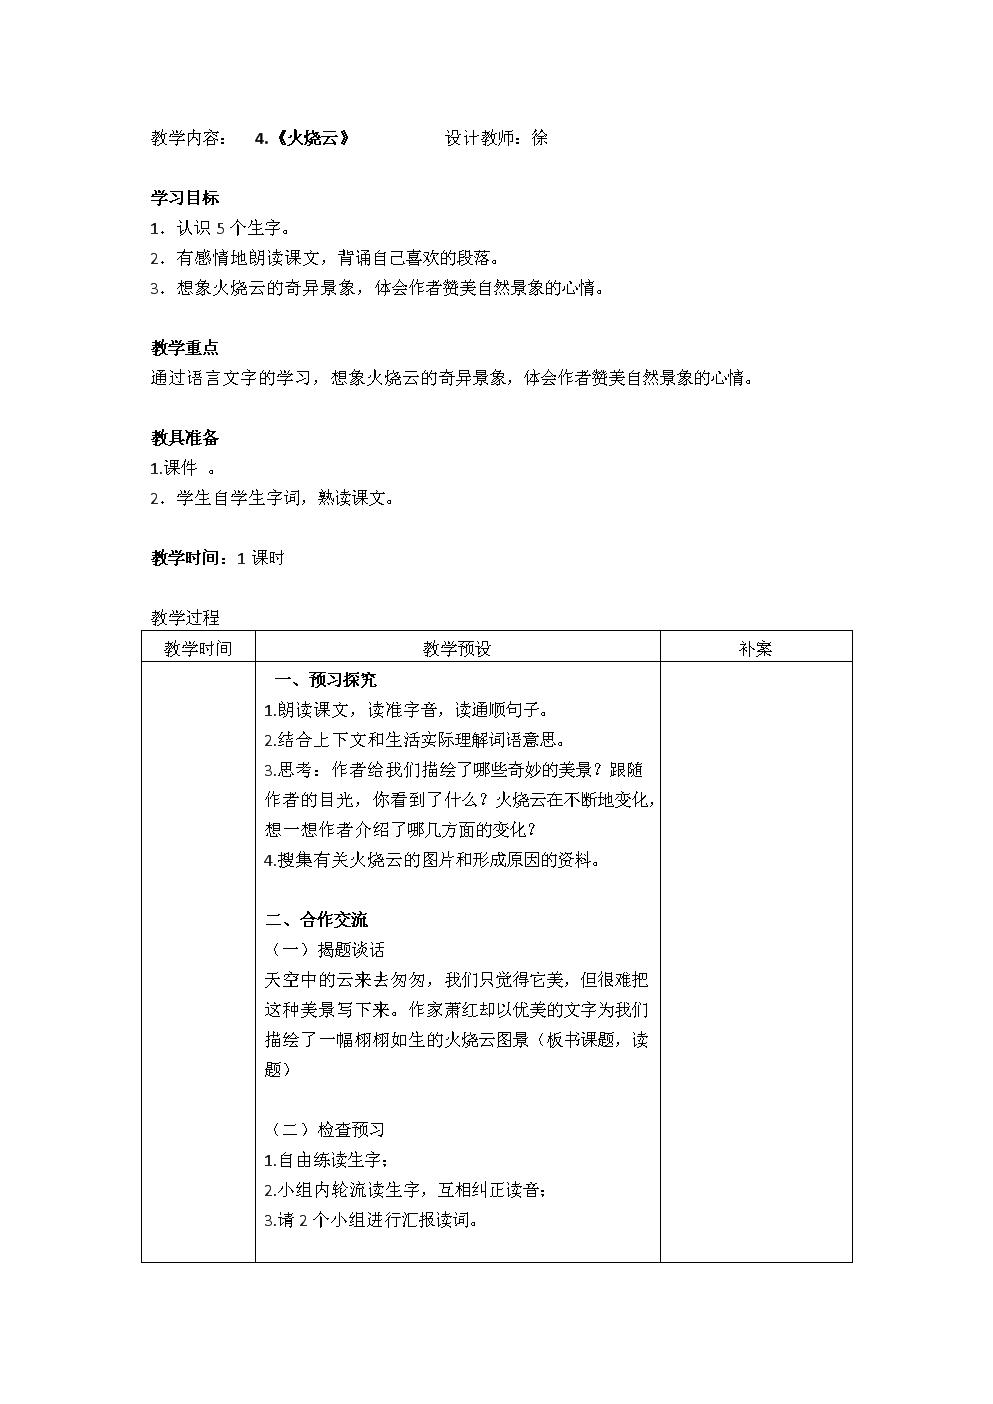 4,火烧云教学设计公开课教案.doc图片